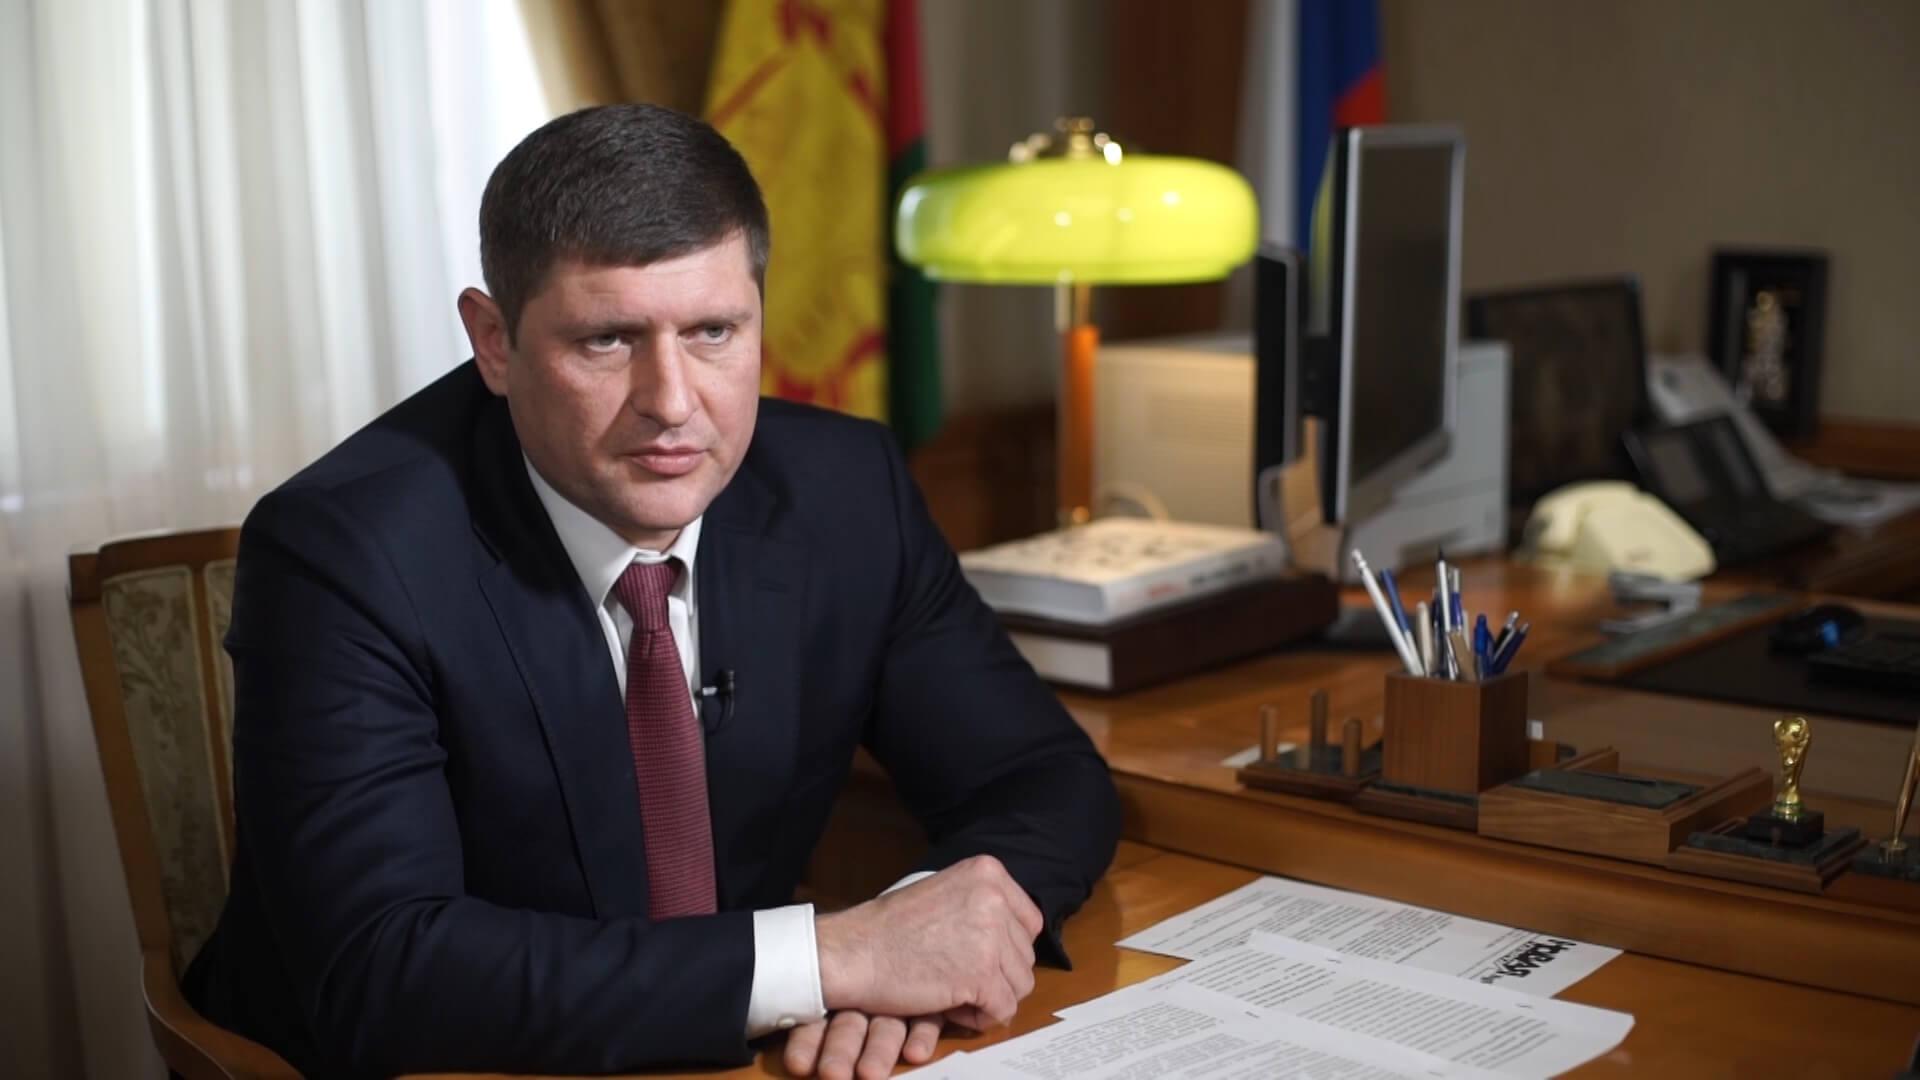 Интервью с первым вице-губернатором Кубани Андреем Алексеенко